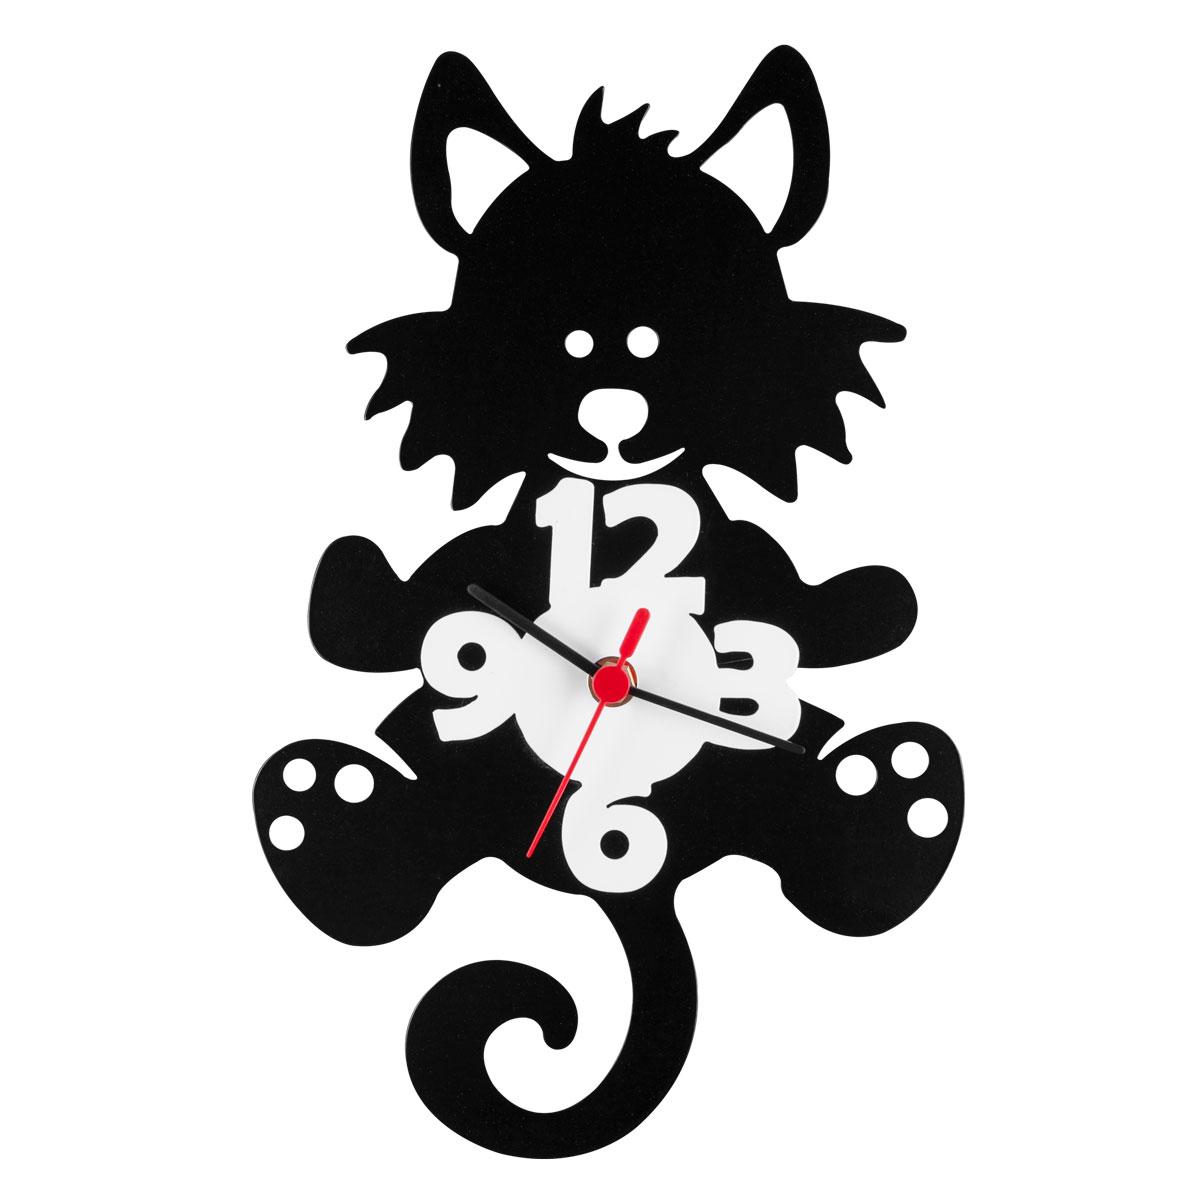 Часы настенные Miolla КотикSC - WCD13MОригинальные настенные часы круглой формы выполнены из стали. Часы имеют три стрелки - часовую, минутную и секундную и циферблат с цифрами. Необычное дизайнерское решение и качество исполнения придутся по вкусу каждому.Часы работают от 1 батарейки типа АА напряжением 1,5 В.